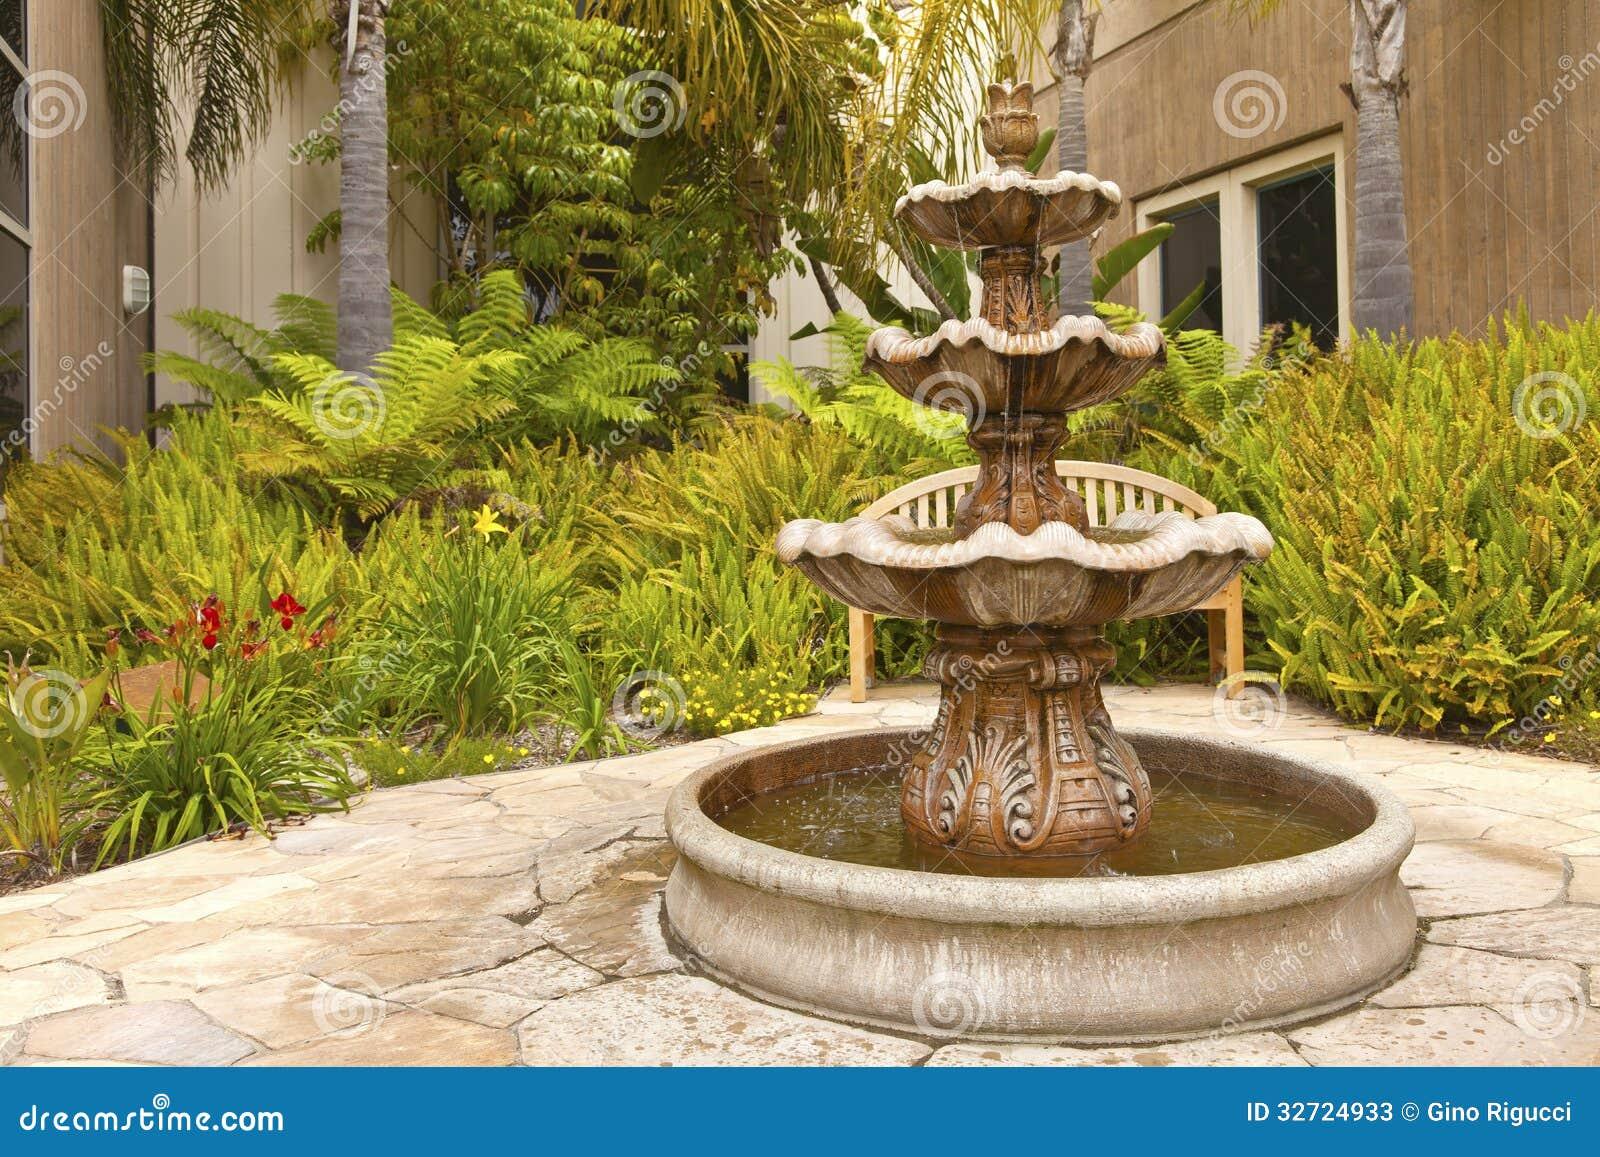 Smal Backyard Garden Fountain San Diego California Stock